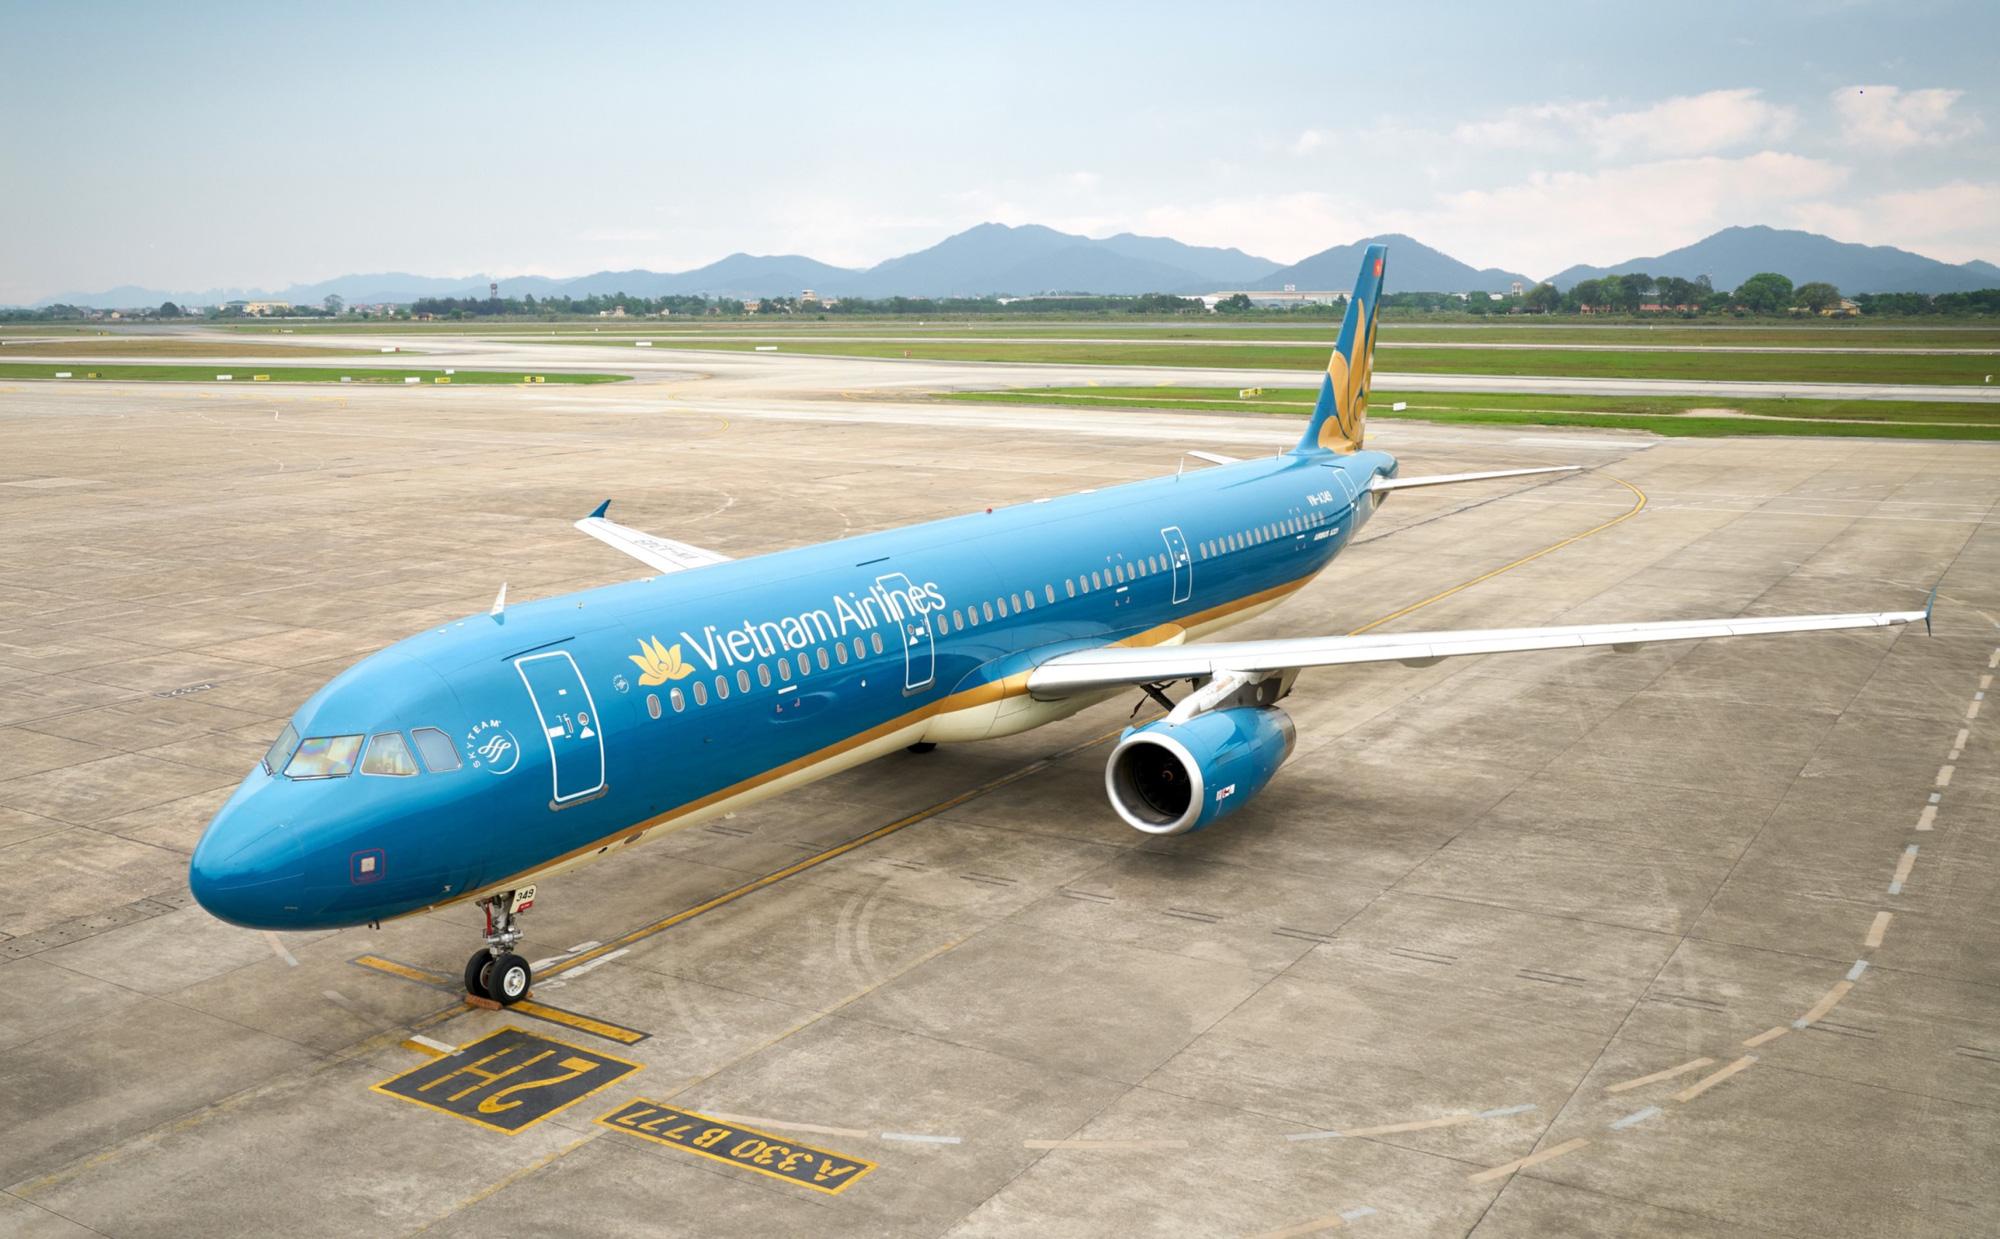 Dự án mở rộng sân bay Phú Bài đang triển khai ra sao? - Ảnh 1.